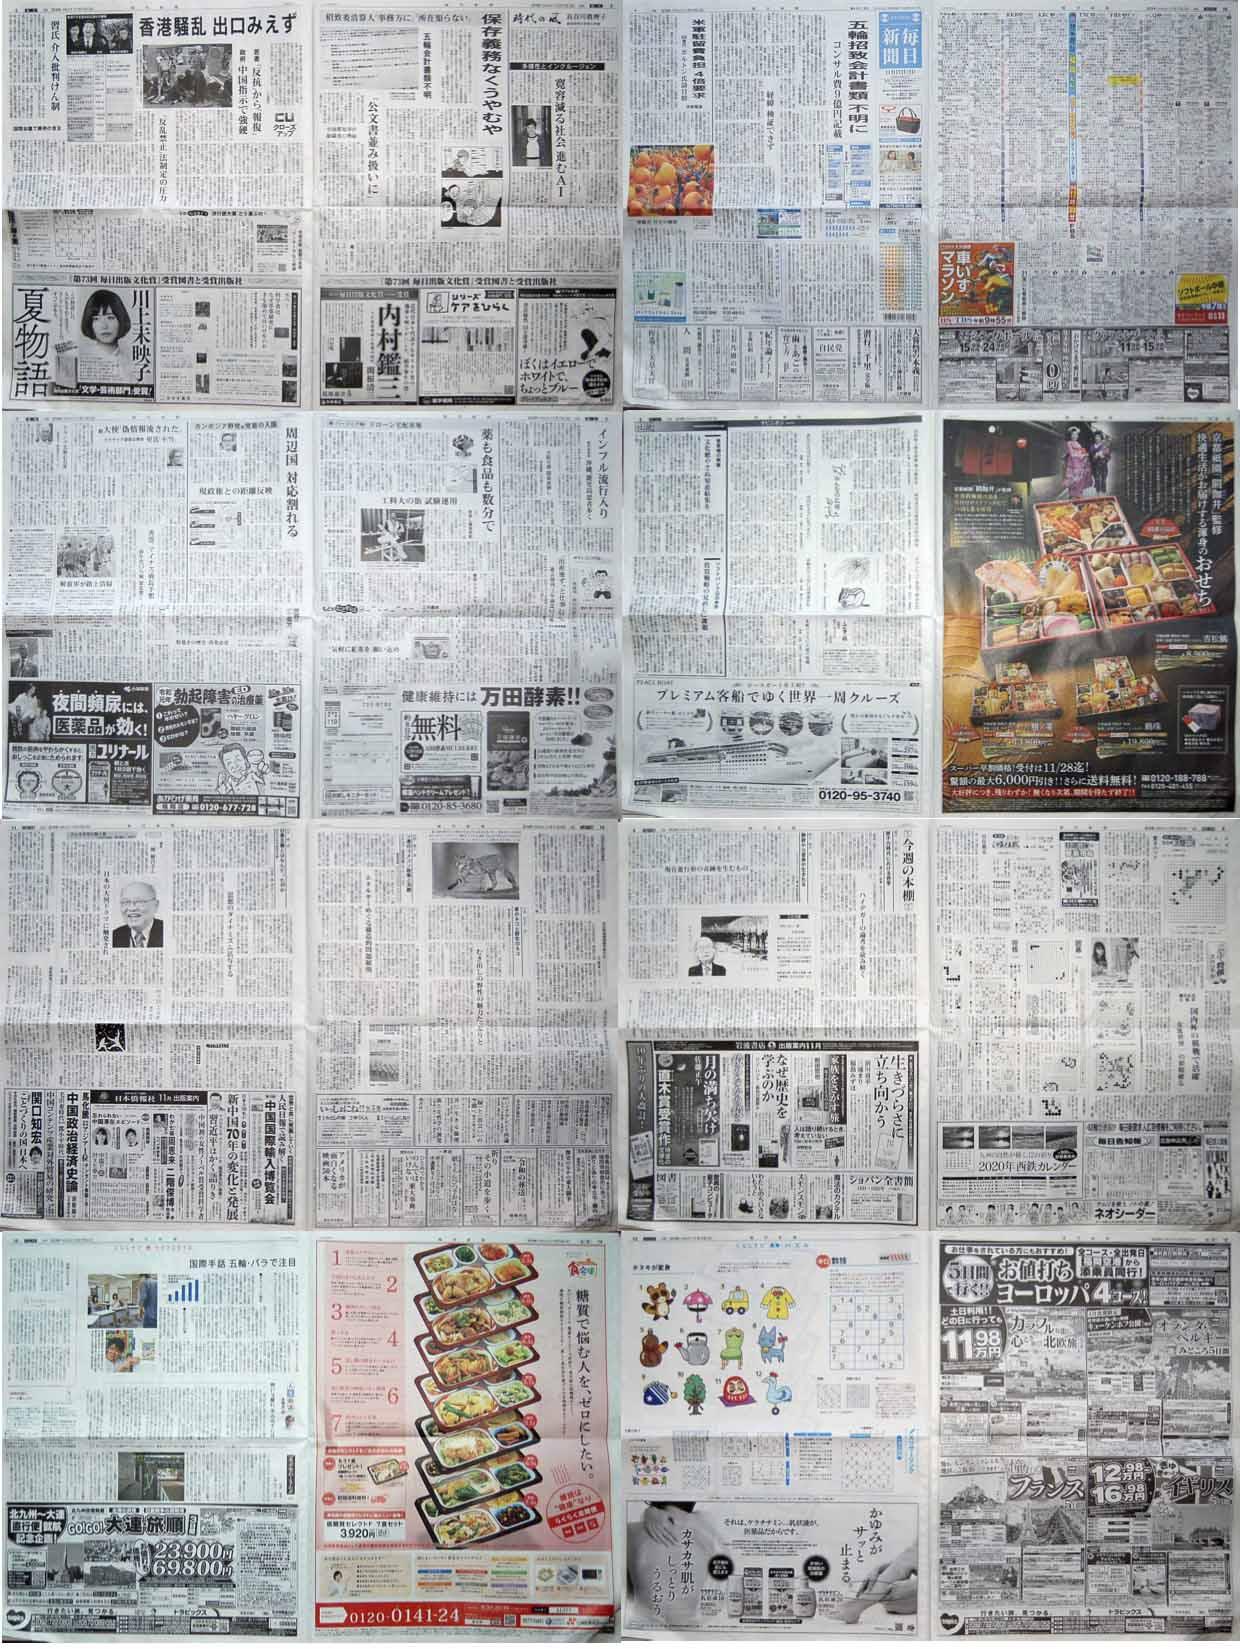 mainichi191117-1-17.26.jpg